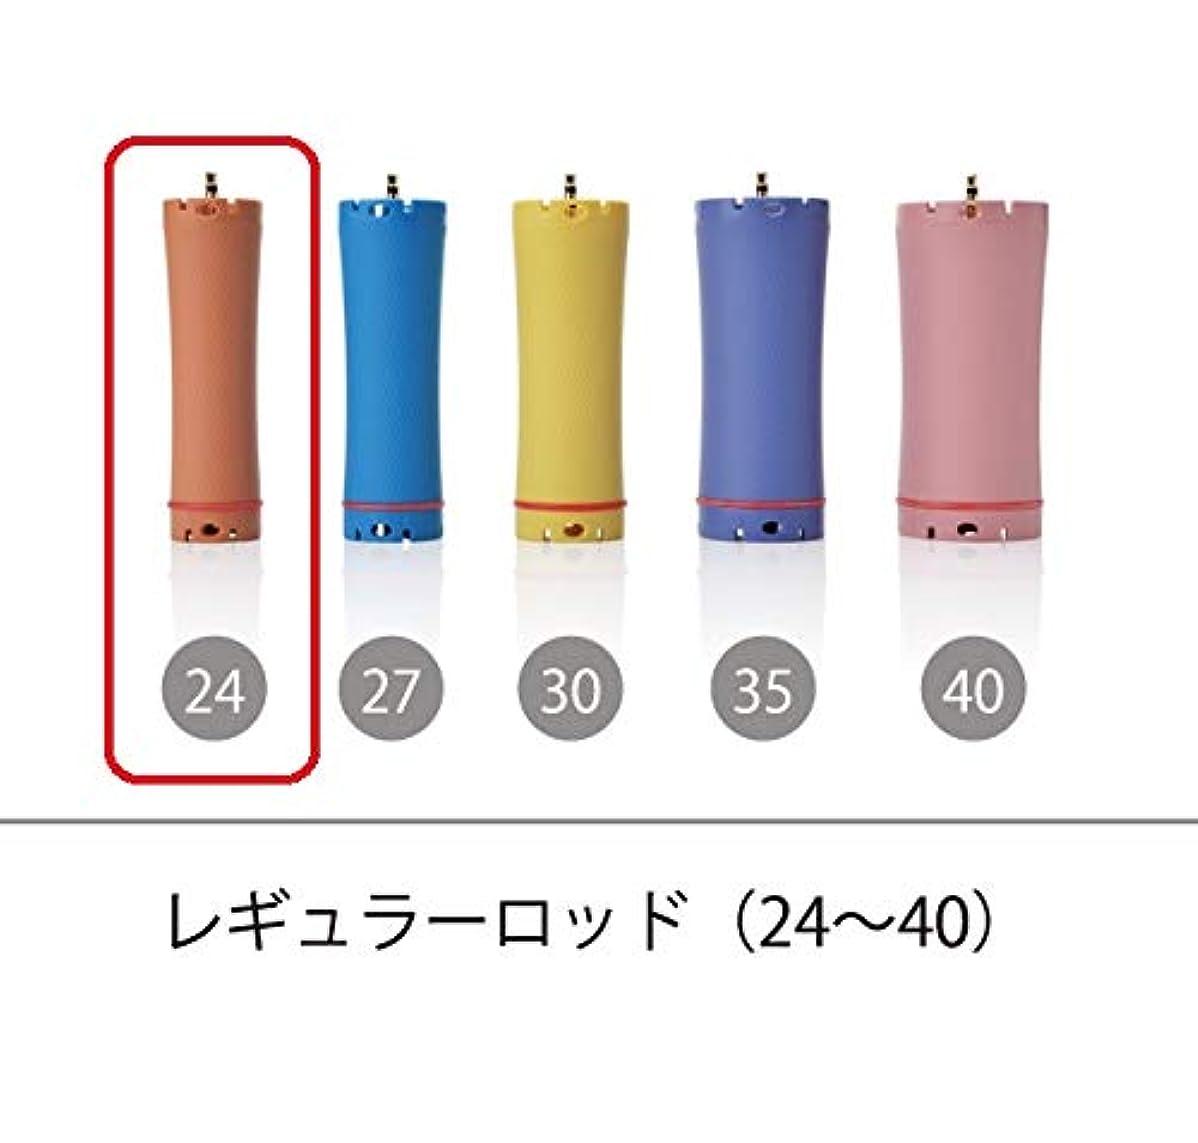 ブラジャー結び目心配ソキウス 専用ロッド レギュラーロッド 24mm